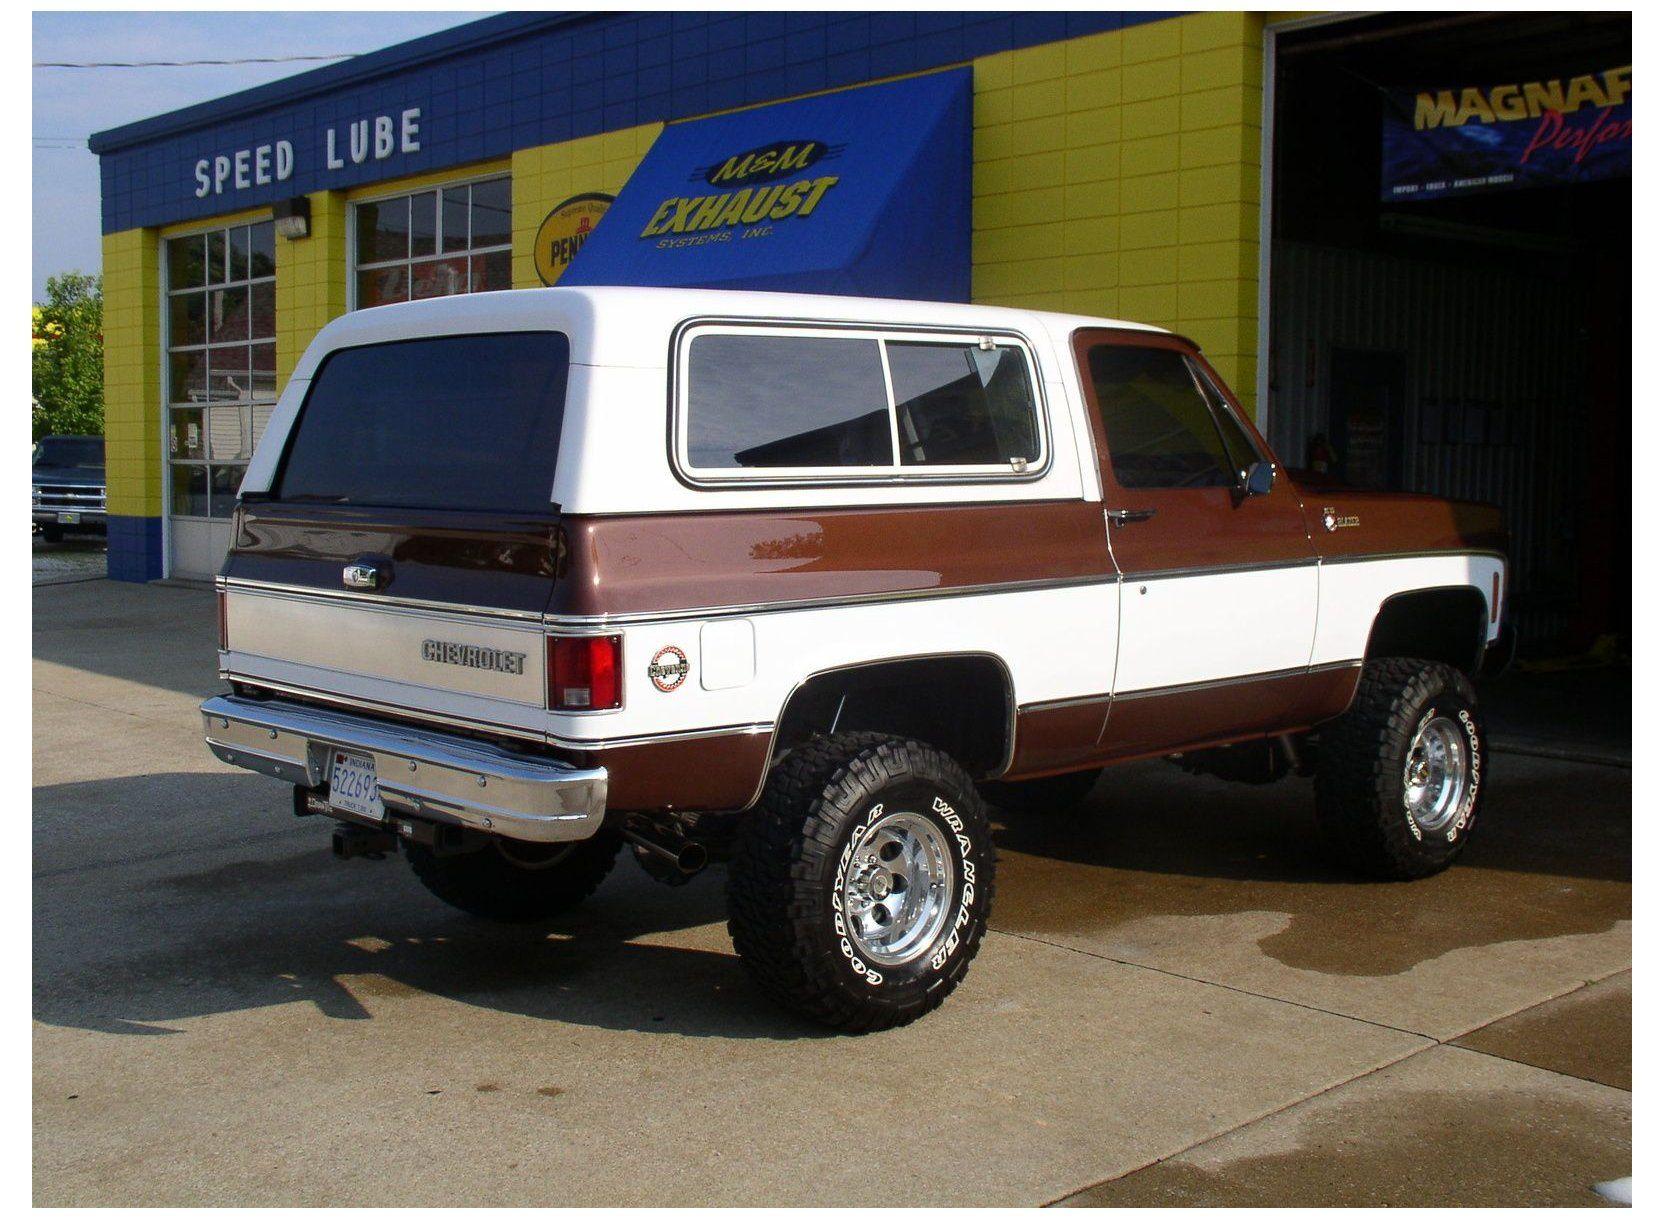 1979 Chevrolet Blazer Exterior Pictures 1979 K5 Blazer 1979 Chevrolet Blazer In 2020 Chevy Trucks Classic Chevy Trucks Chevrolet Blazer